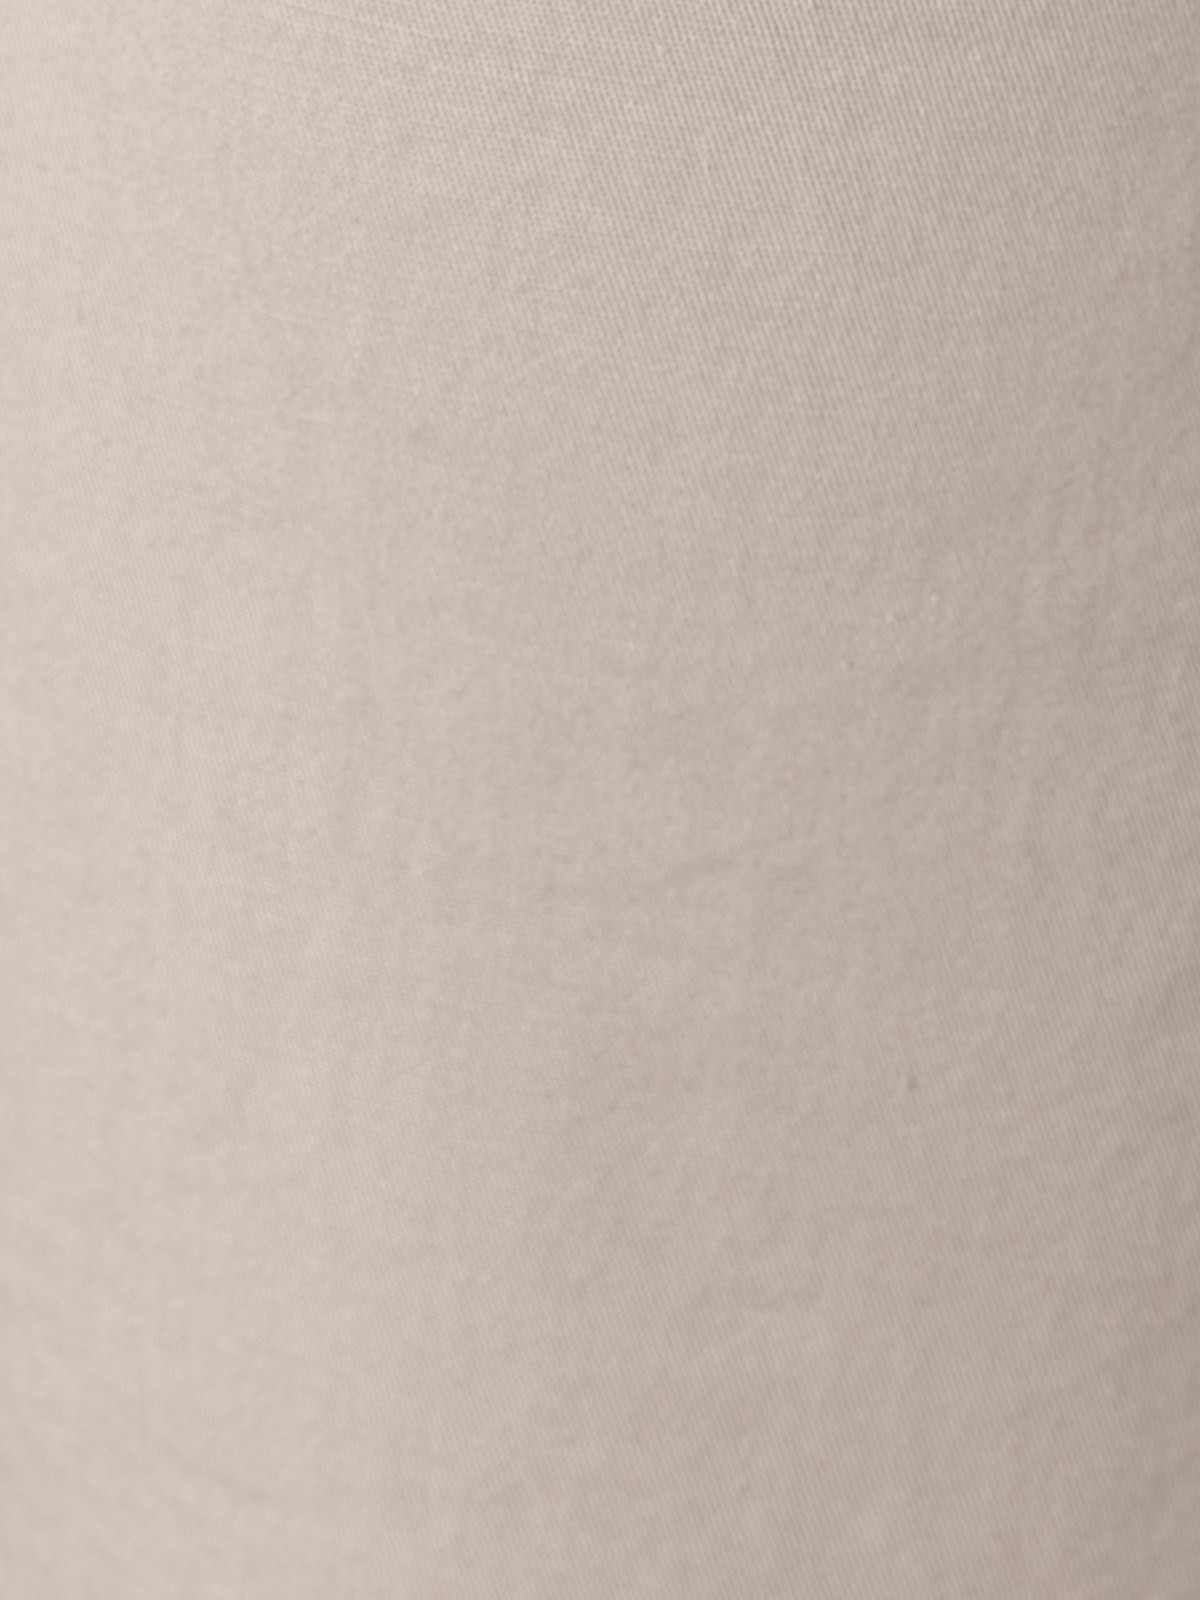 Pantalón mujer sport ligero Beige